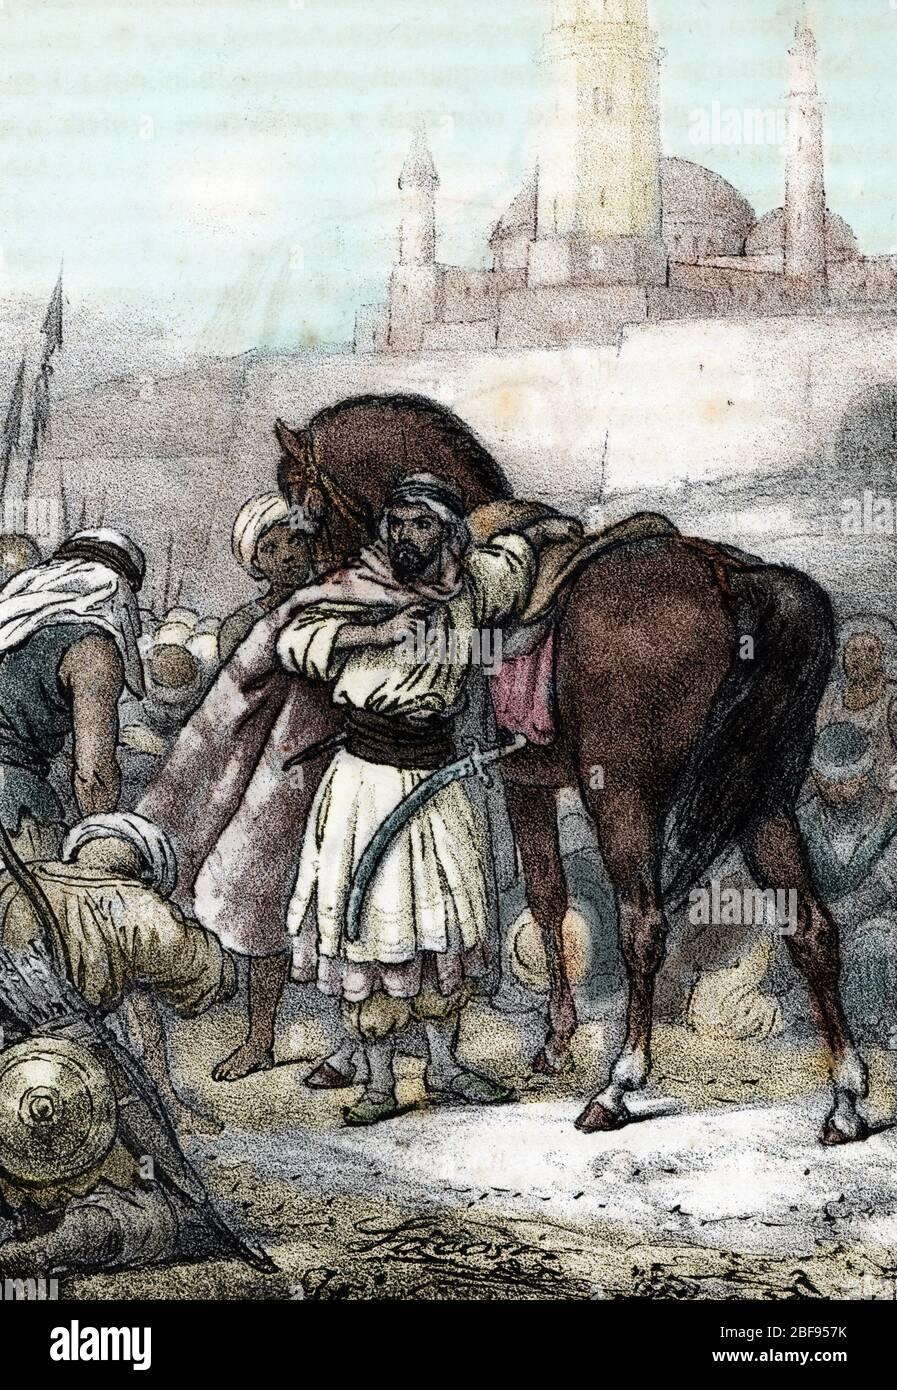 """""""Le futur prophete de l'islam Mahomet (Muhammad ou Mohammed) (570-632) et Abou Bakr lors de l'hegire vers Medine pour fuir les persecutions a la Mecqu Stock Photo"""